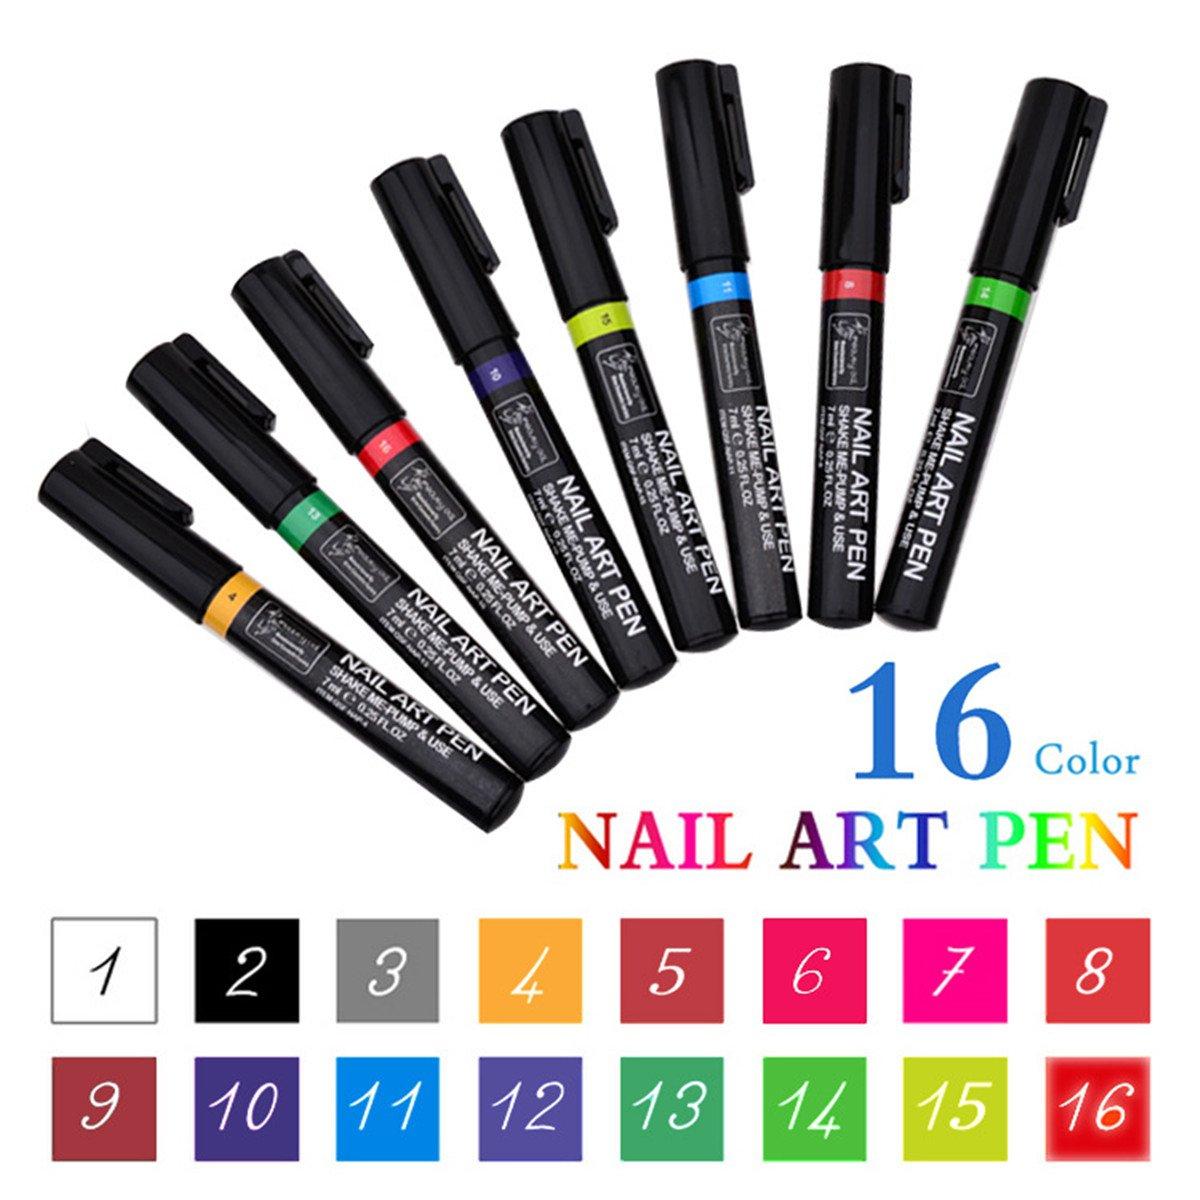 Nagellack Stift,16 Farben Nagel Kunst Feder Nageldesign Stift DIY ...